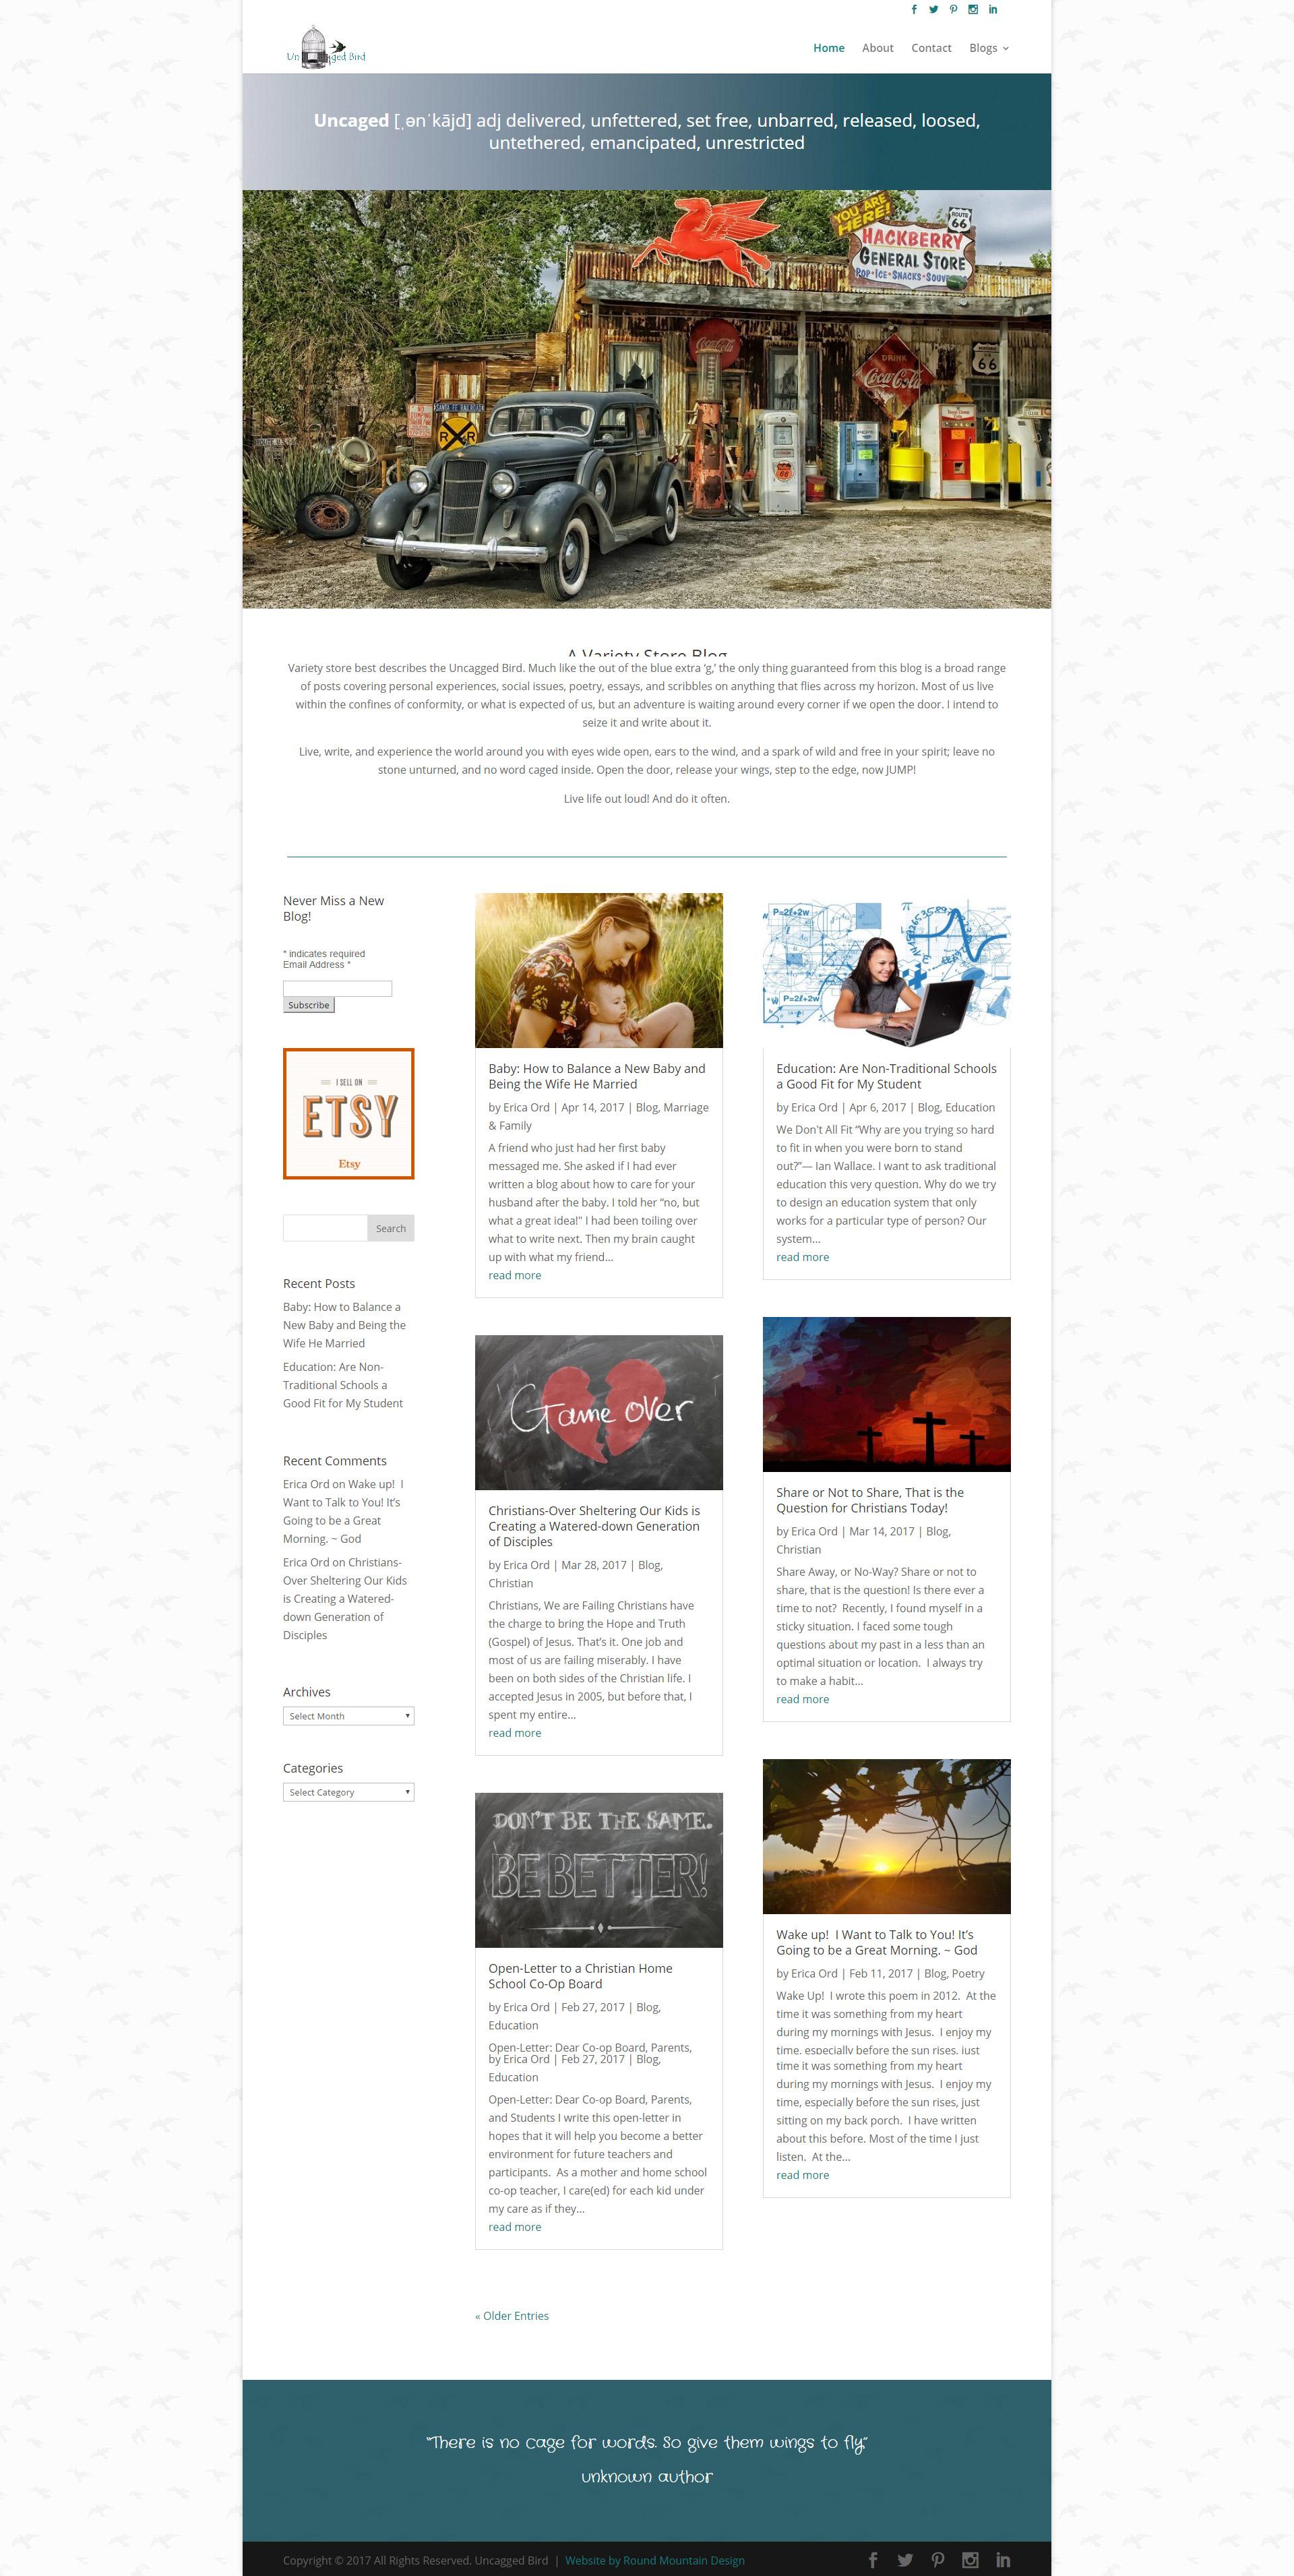 Social Media and Blog Writing